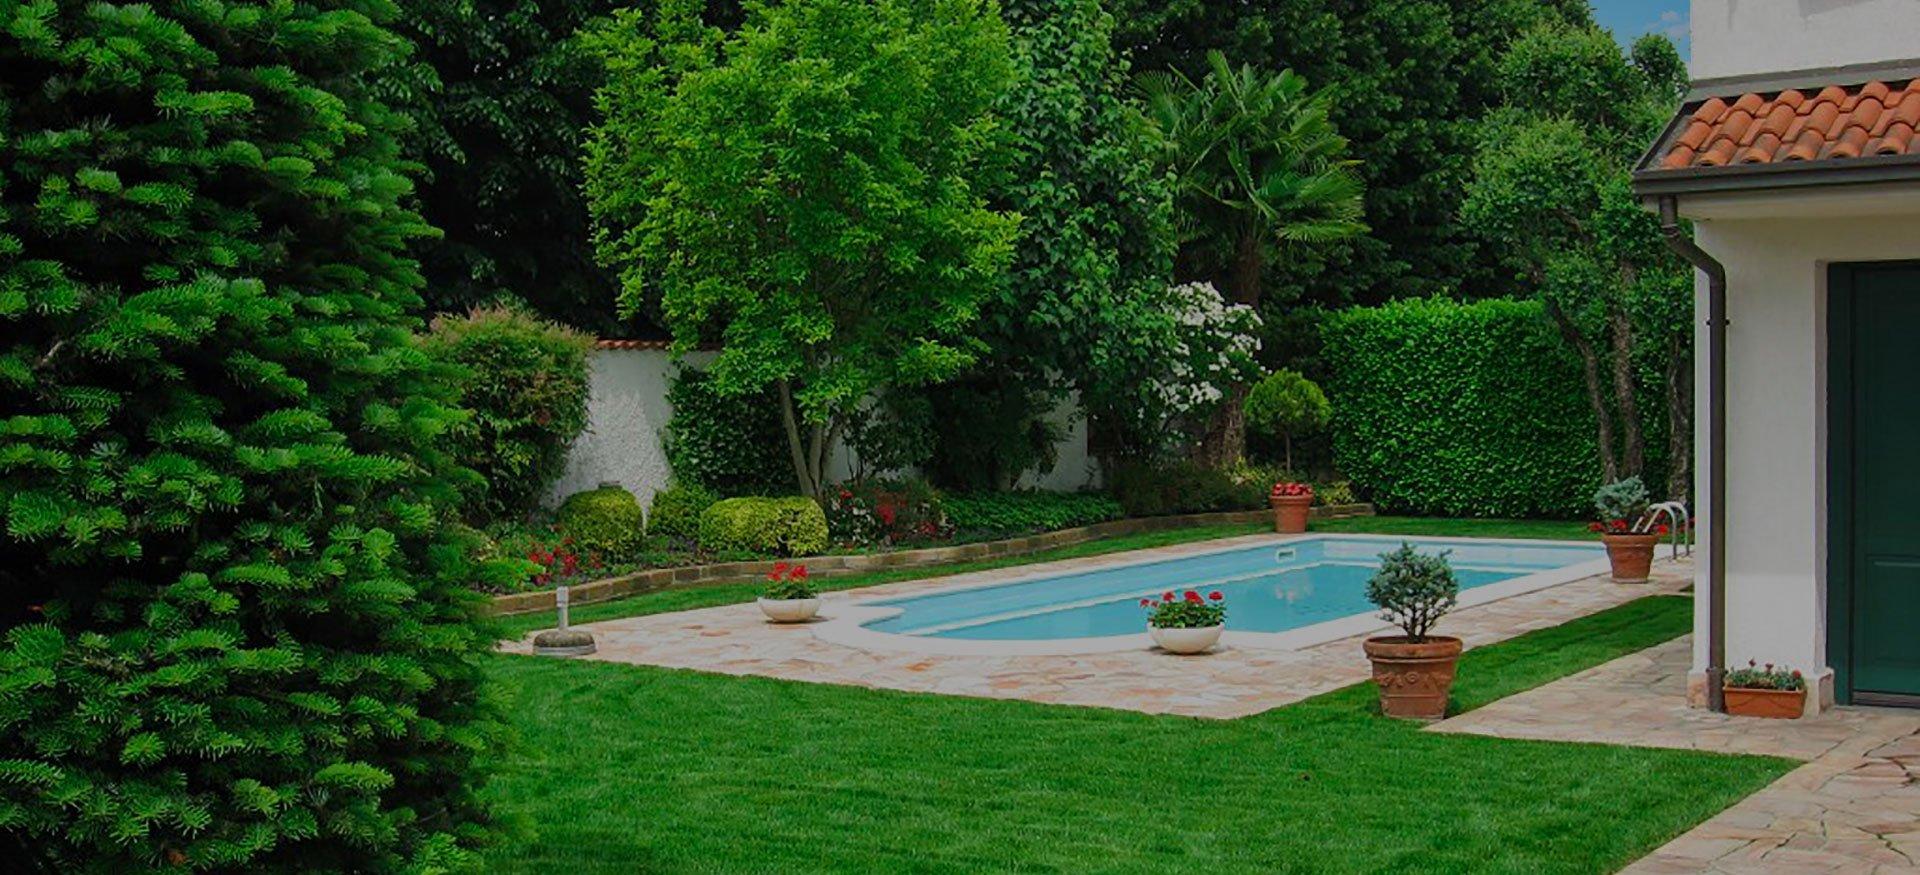 Manutenzione Giardini Milano E Provincia caruso giardinaggio/giardinieri a milano | caruso